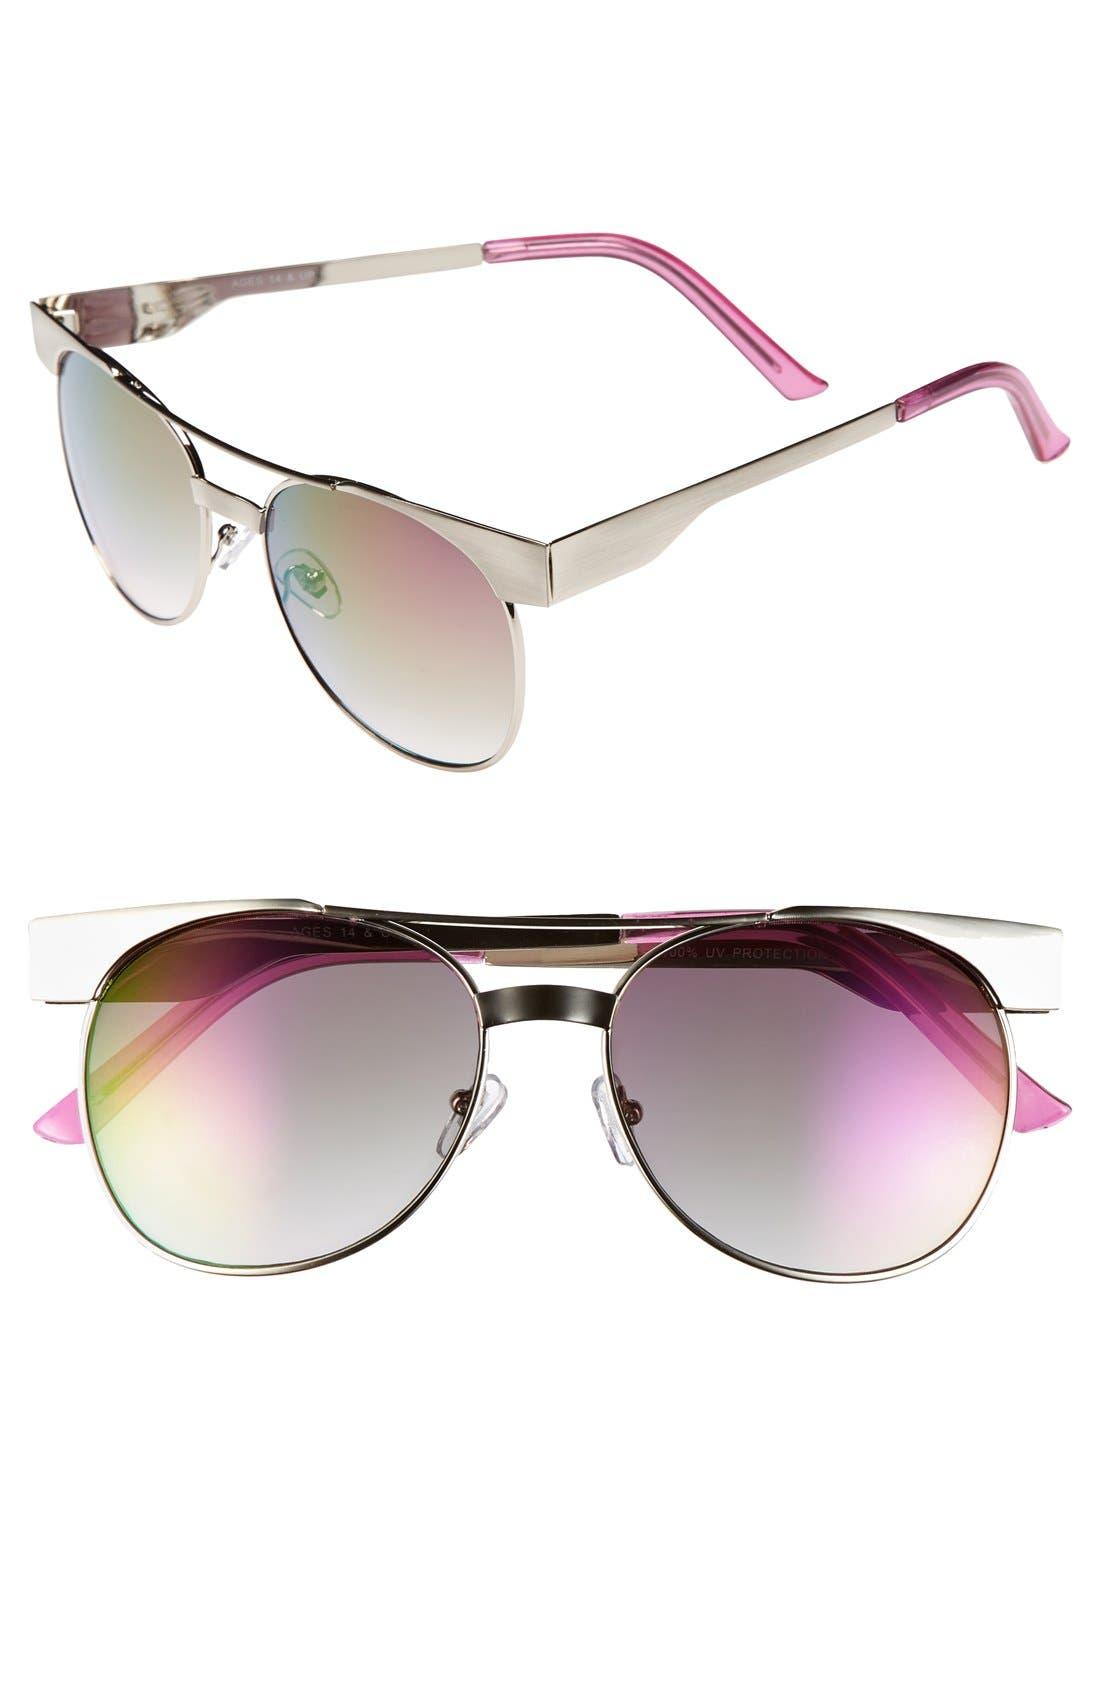 Alternate Image 1 Selected - FE NY 'Dark Shadow' 56mm Sunglasses